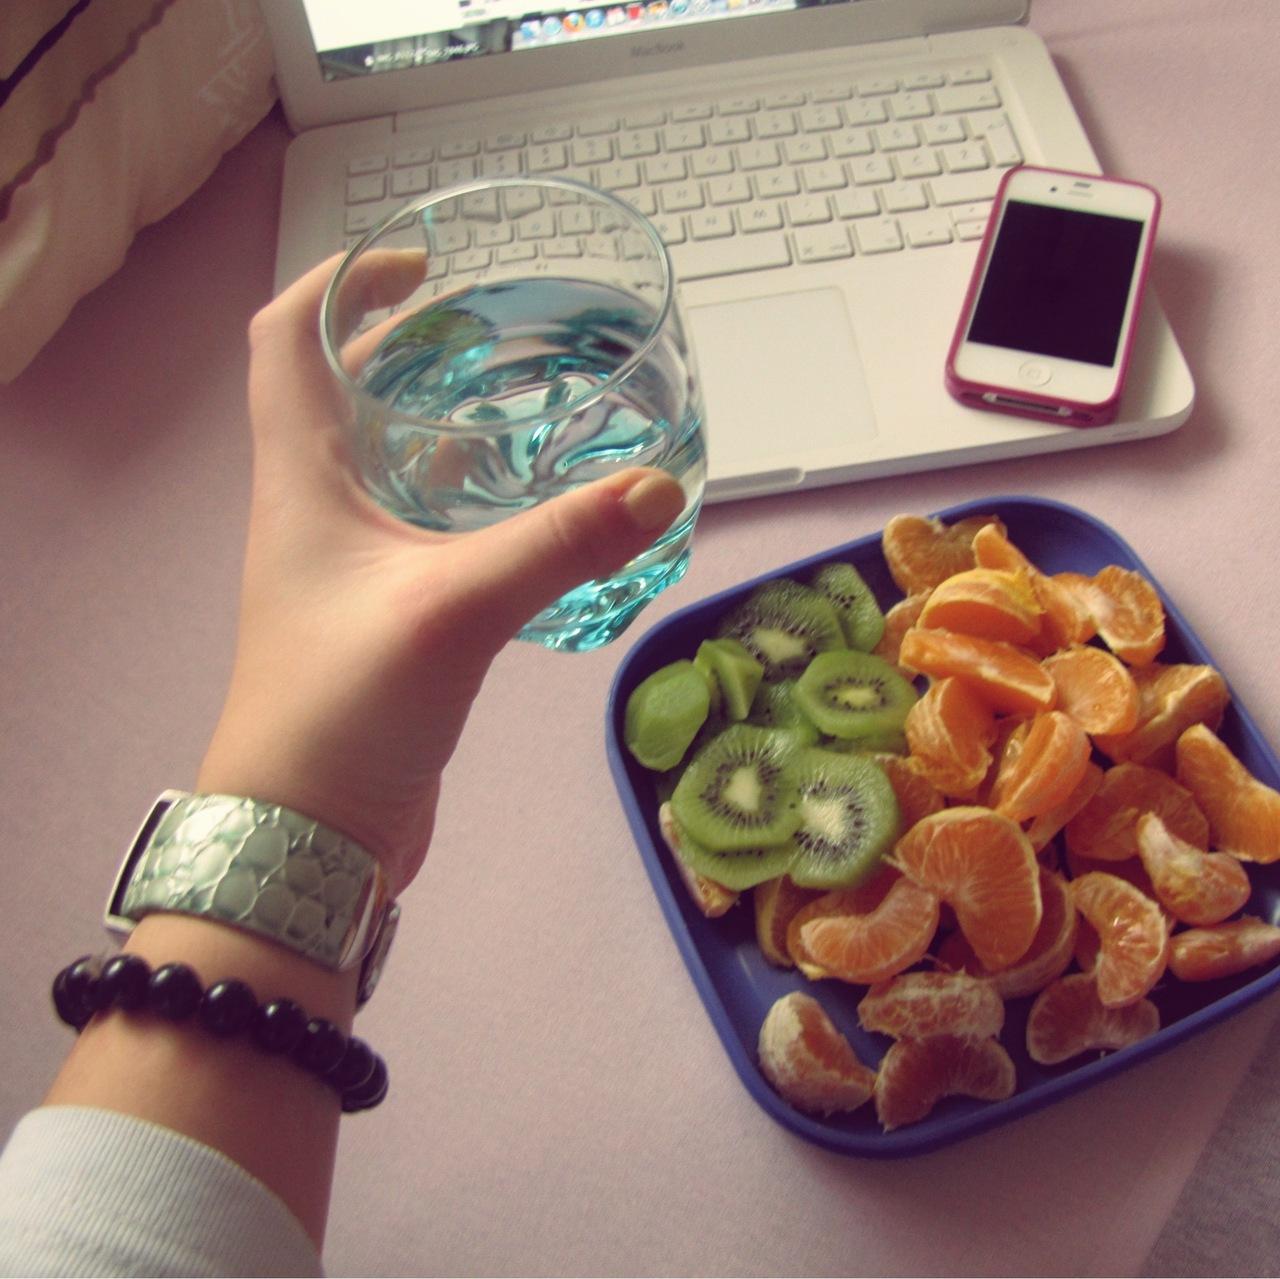 fruit, kiwi, and macbook image